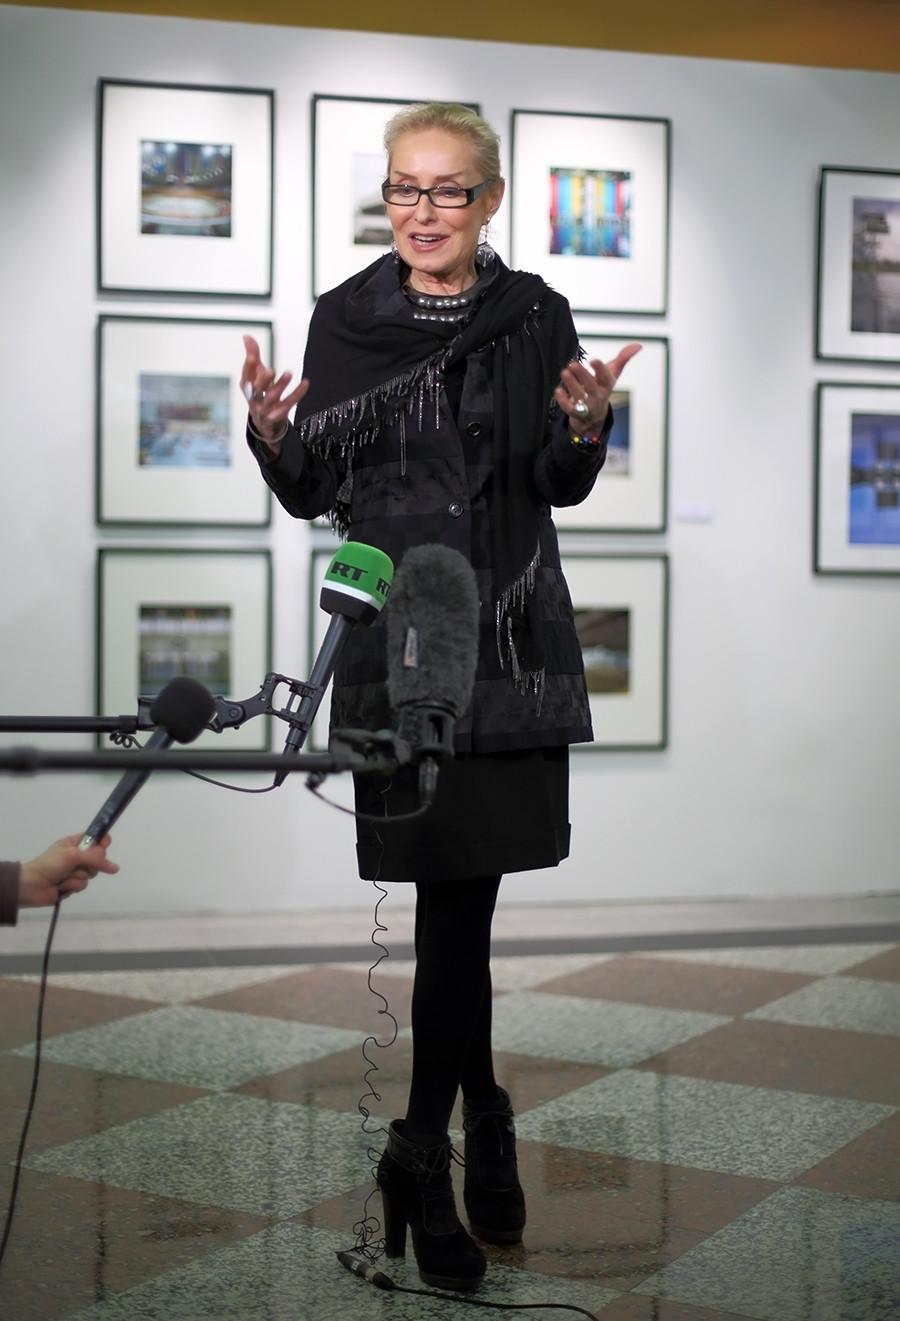 картины лекции ольги свибловой директора музея фотографии это такое зачем